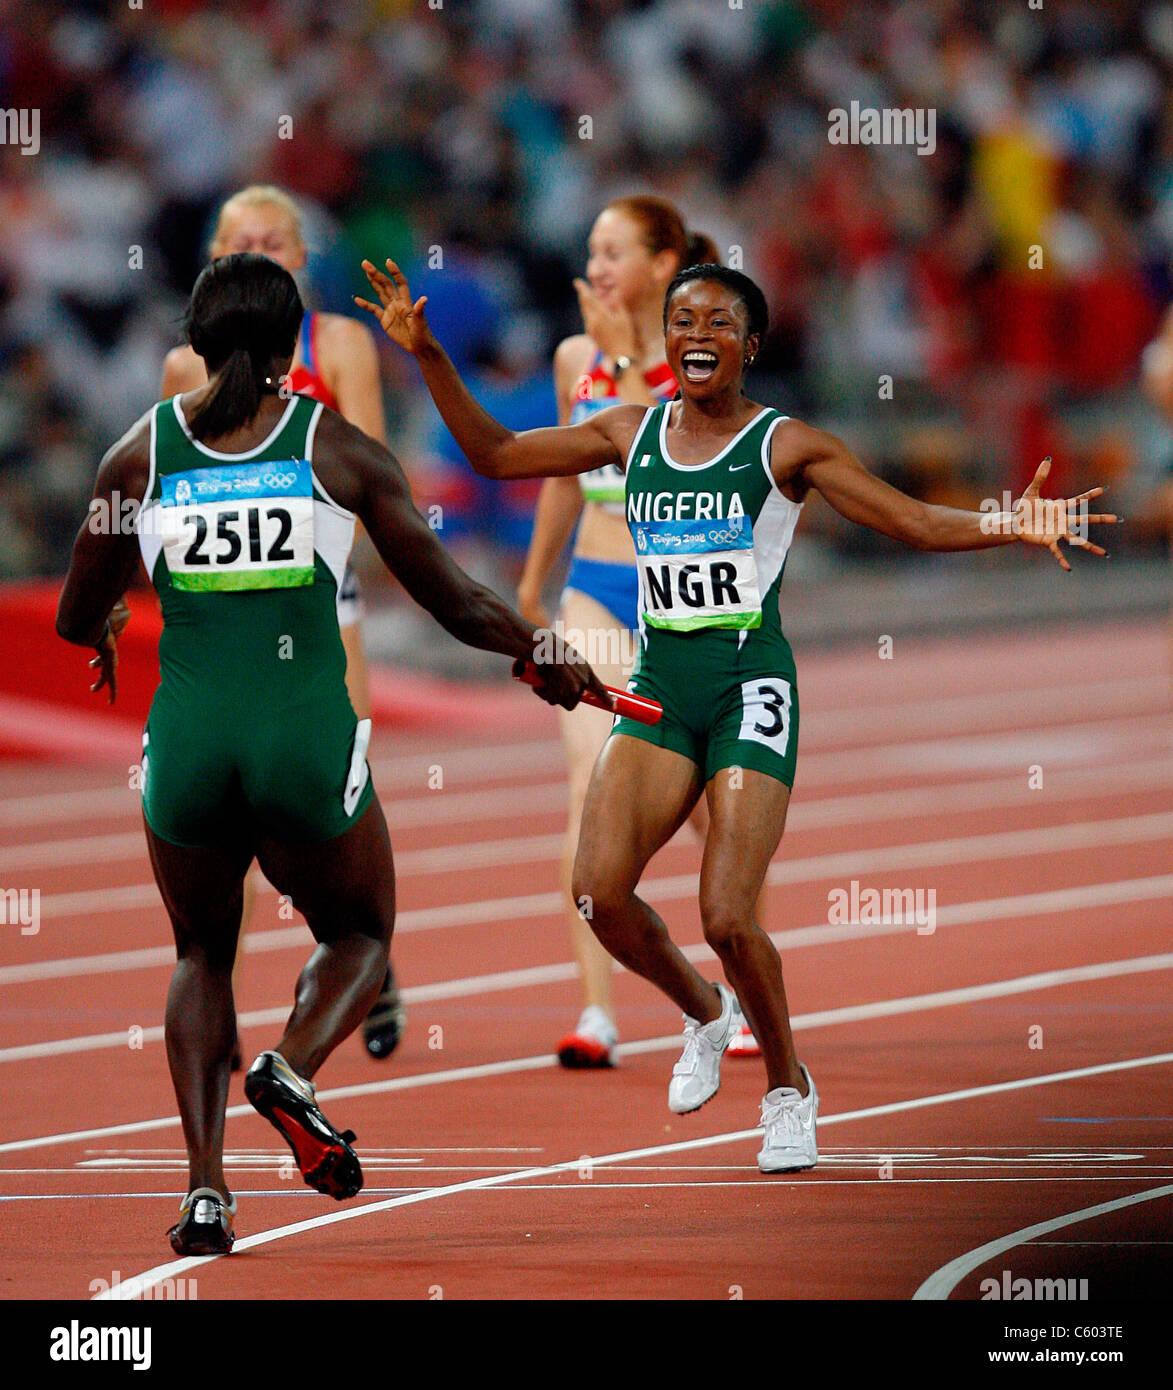 OLUDAMOLE OSAYOMI & FRANCA IDO NIGERIA OLYMPIC STADIUM BEIJING CHINA 22 August 2008 - Stock Image